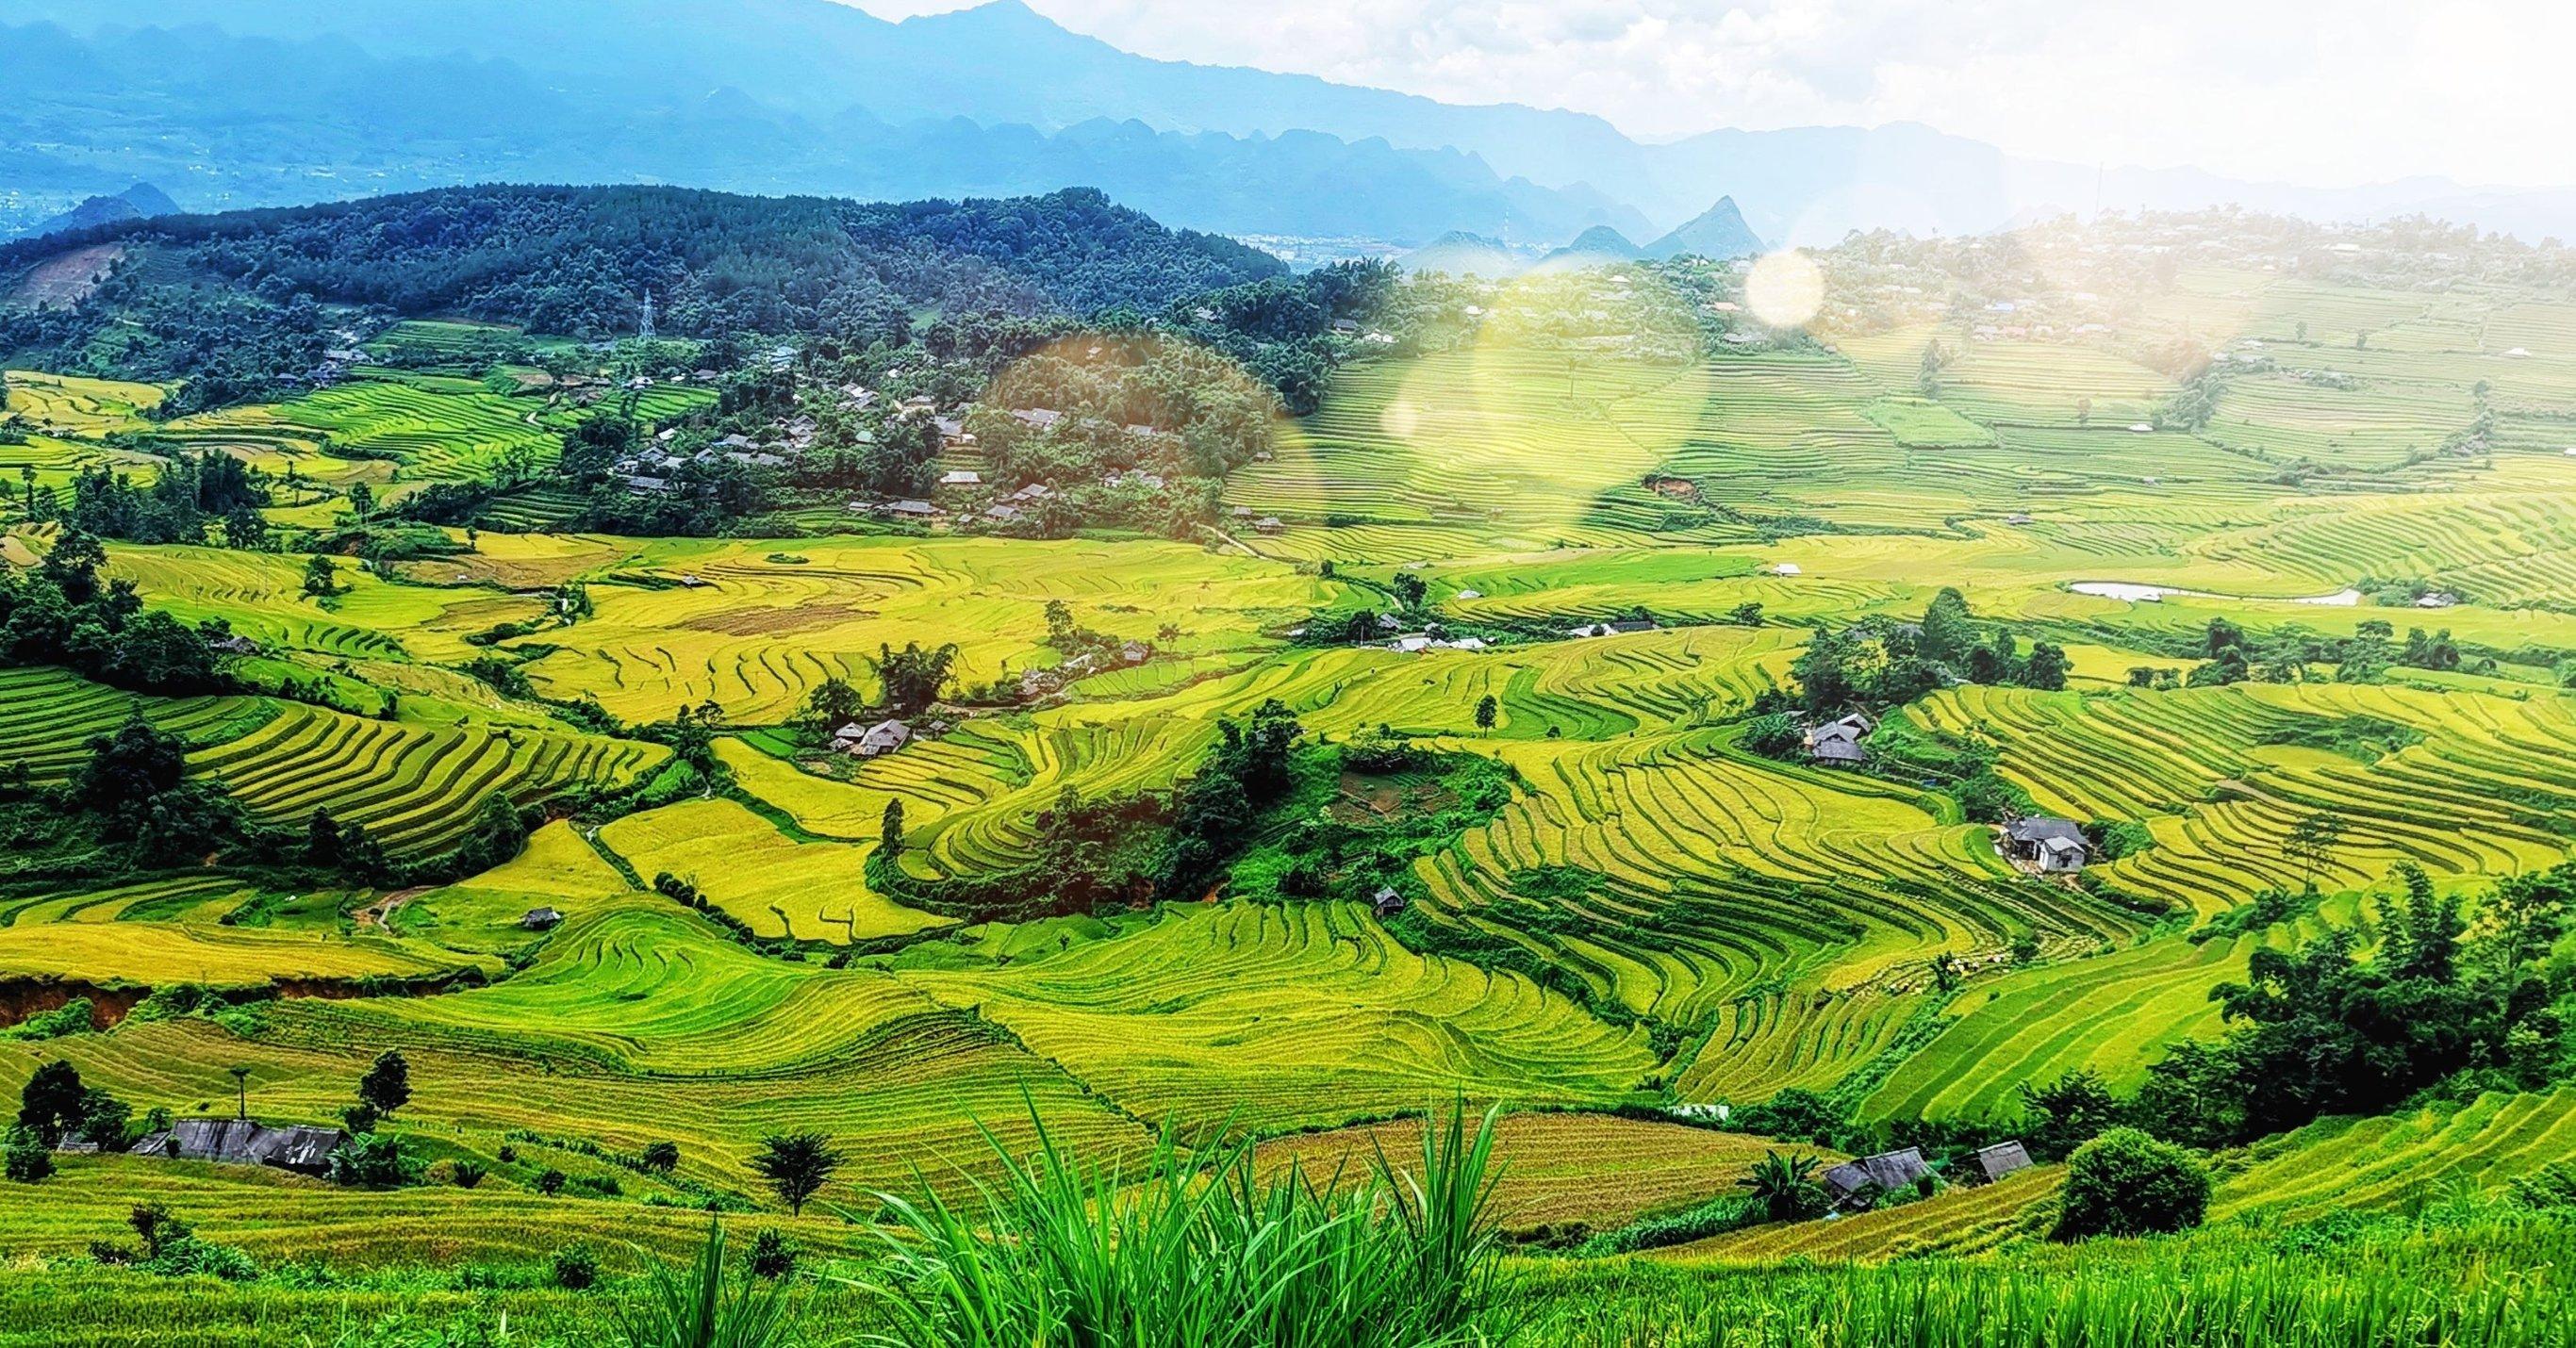 3-Day Pu Luong Hidden Gem - Vietnam Itinerary